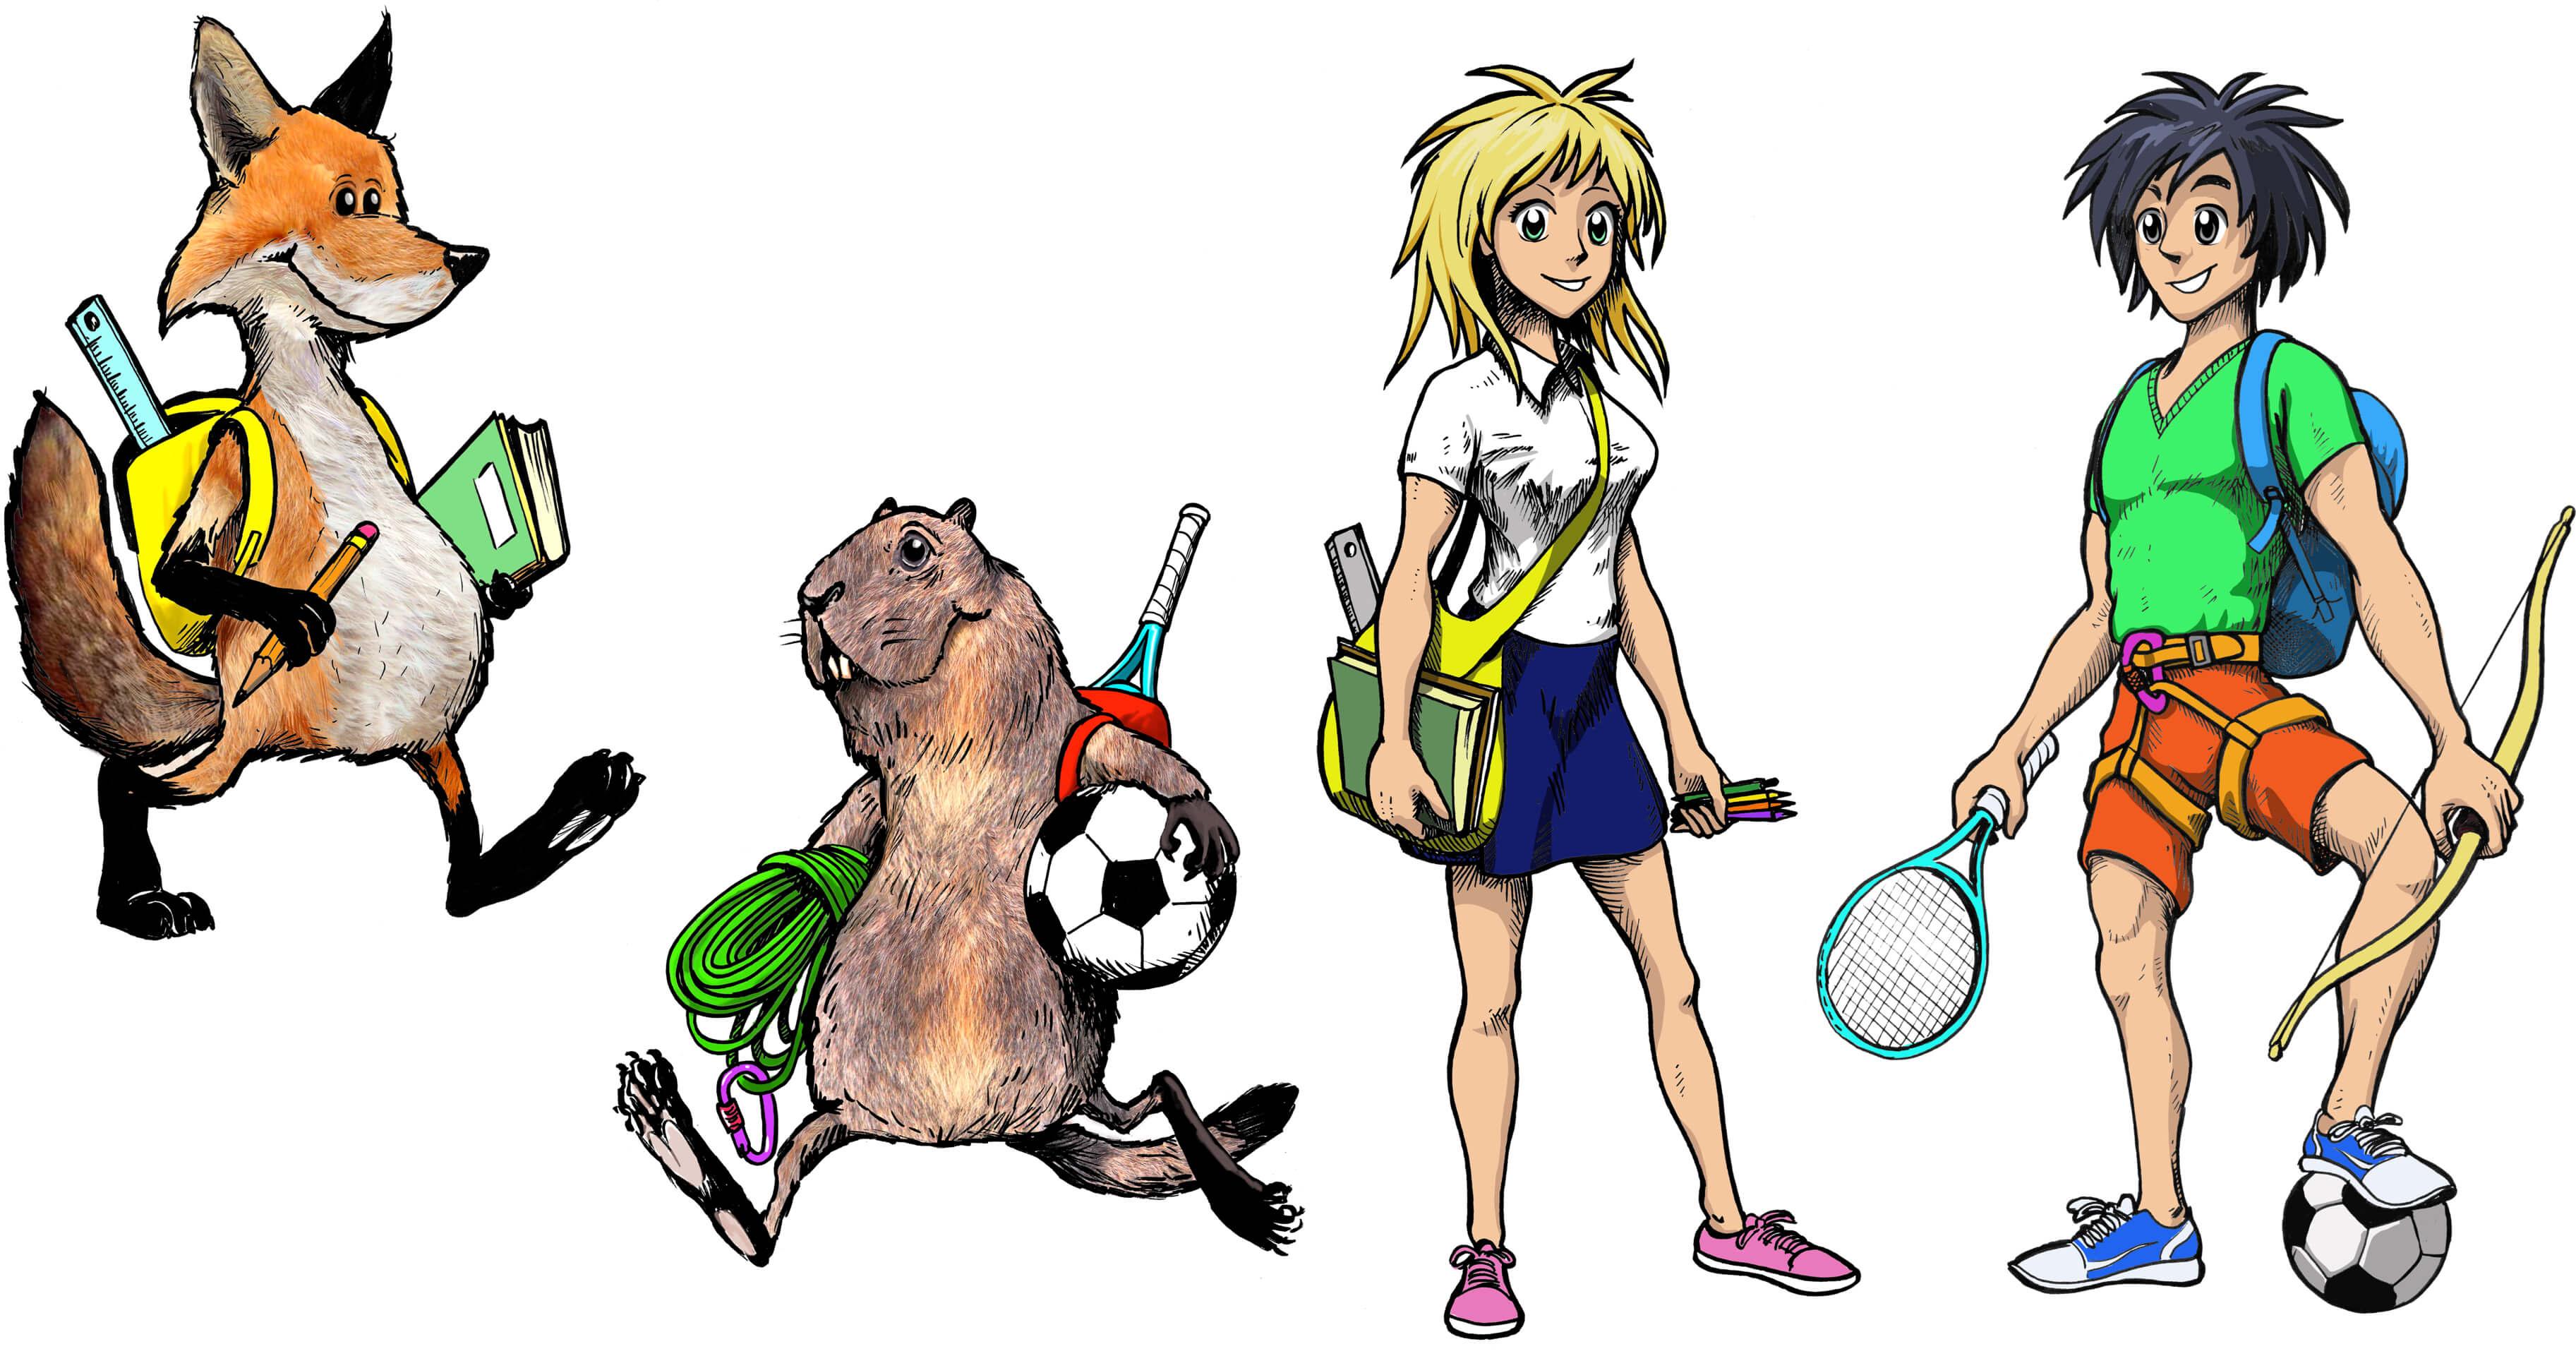 Illustrazioni realizzate per bambini e ragazzi